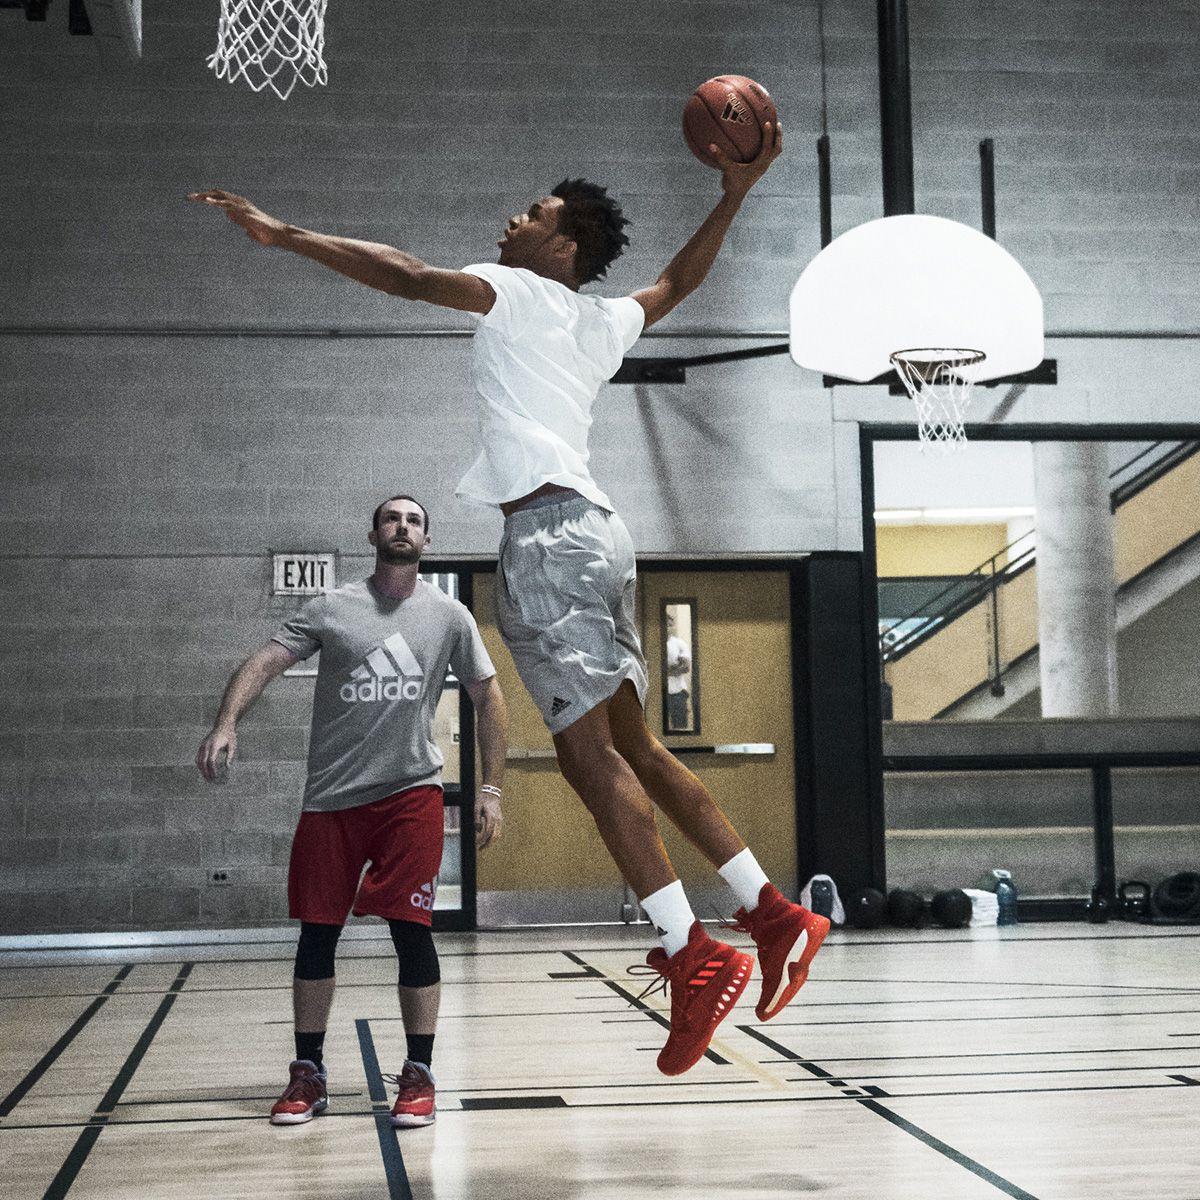 info for 45706 8e06a adidas basketball andrew wiggins